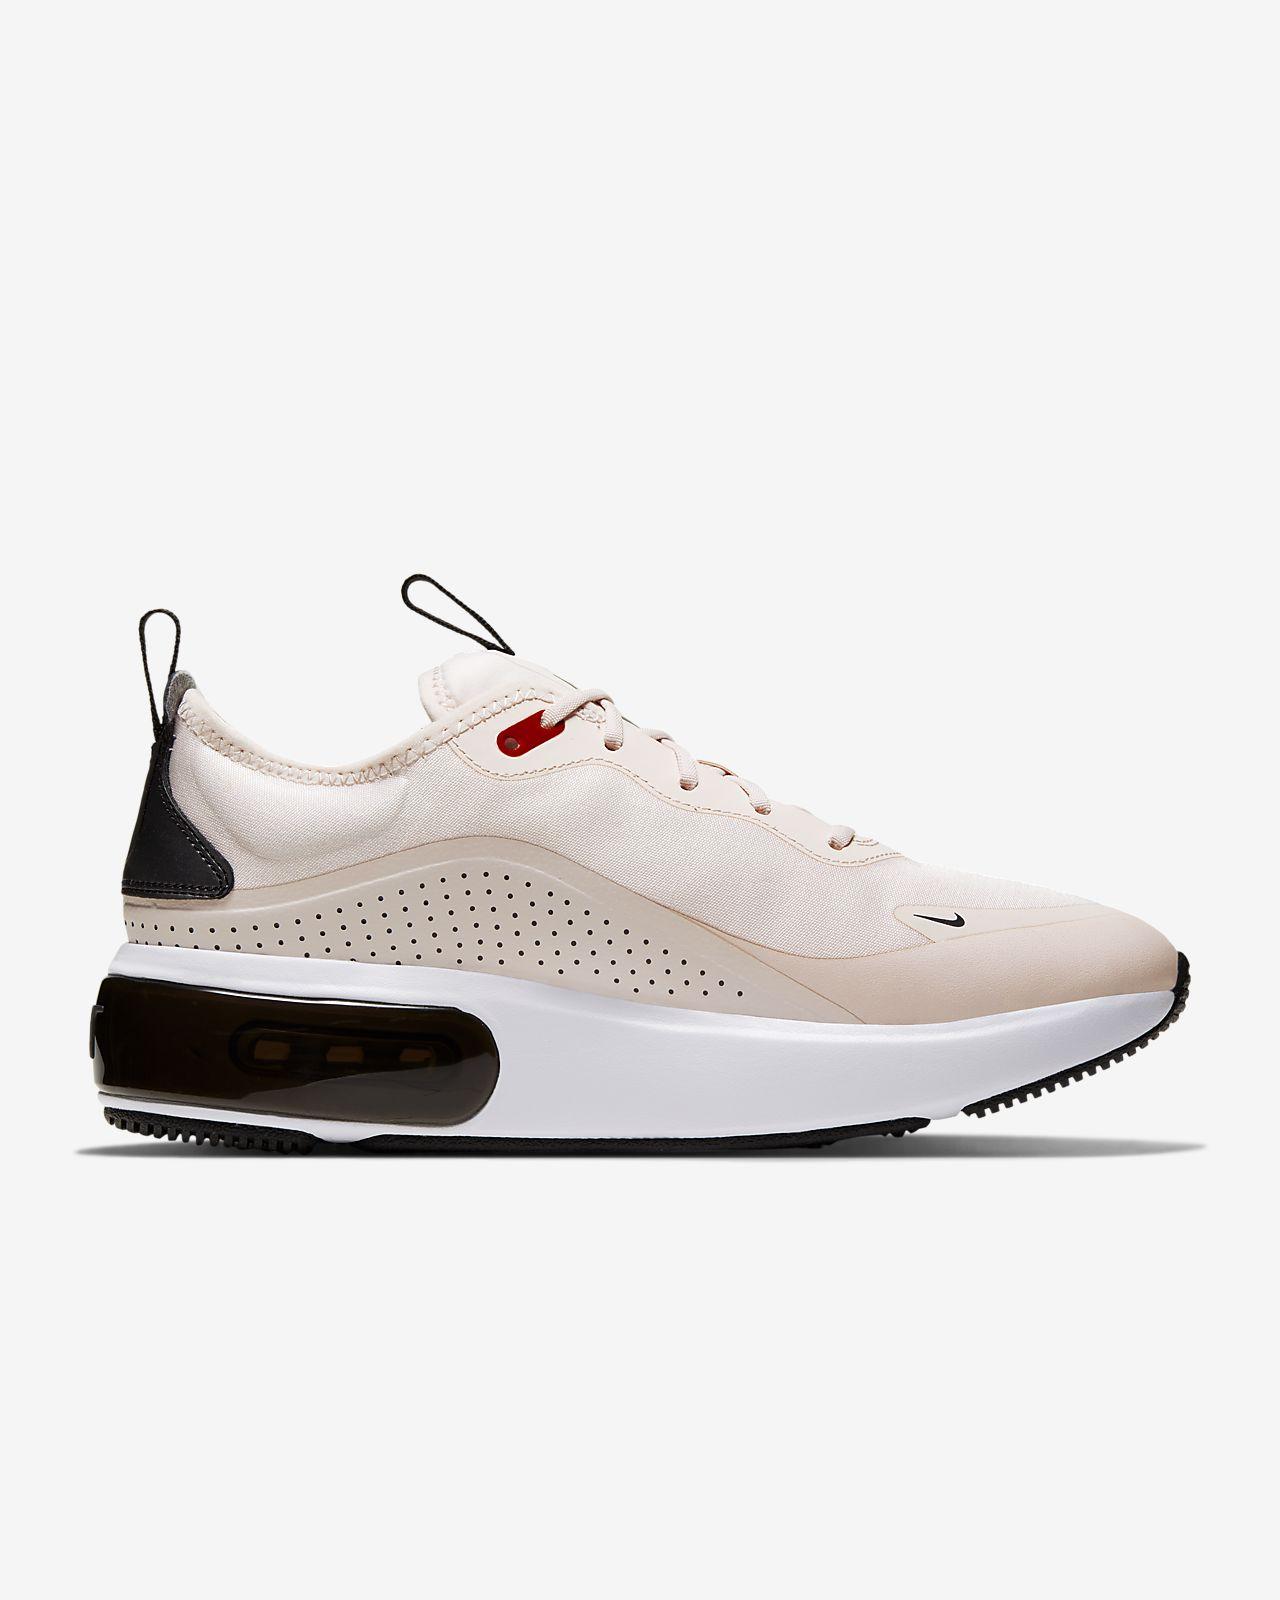 Dia Air Max Schuh Nike 4AR35jLq